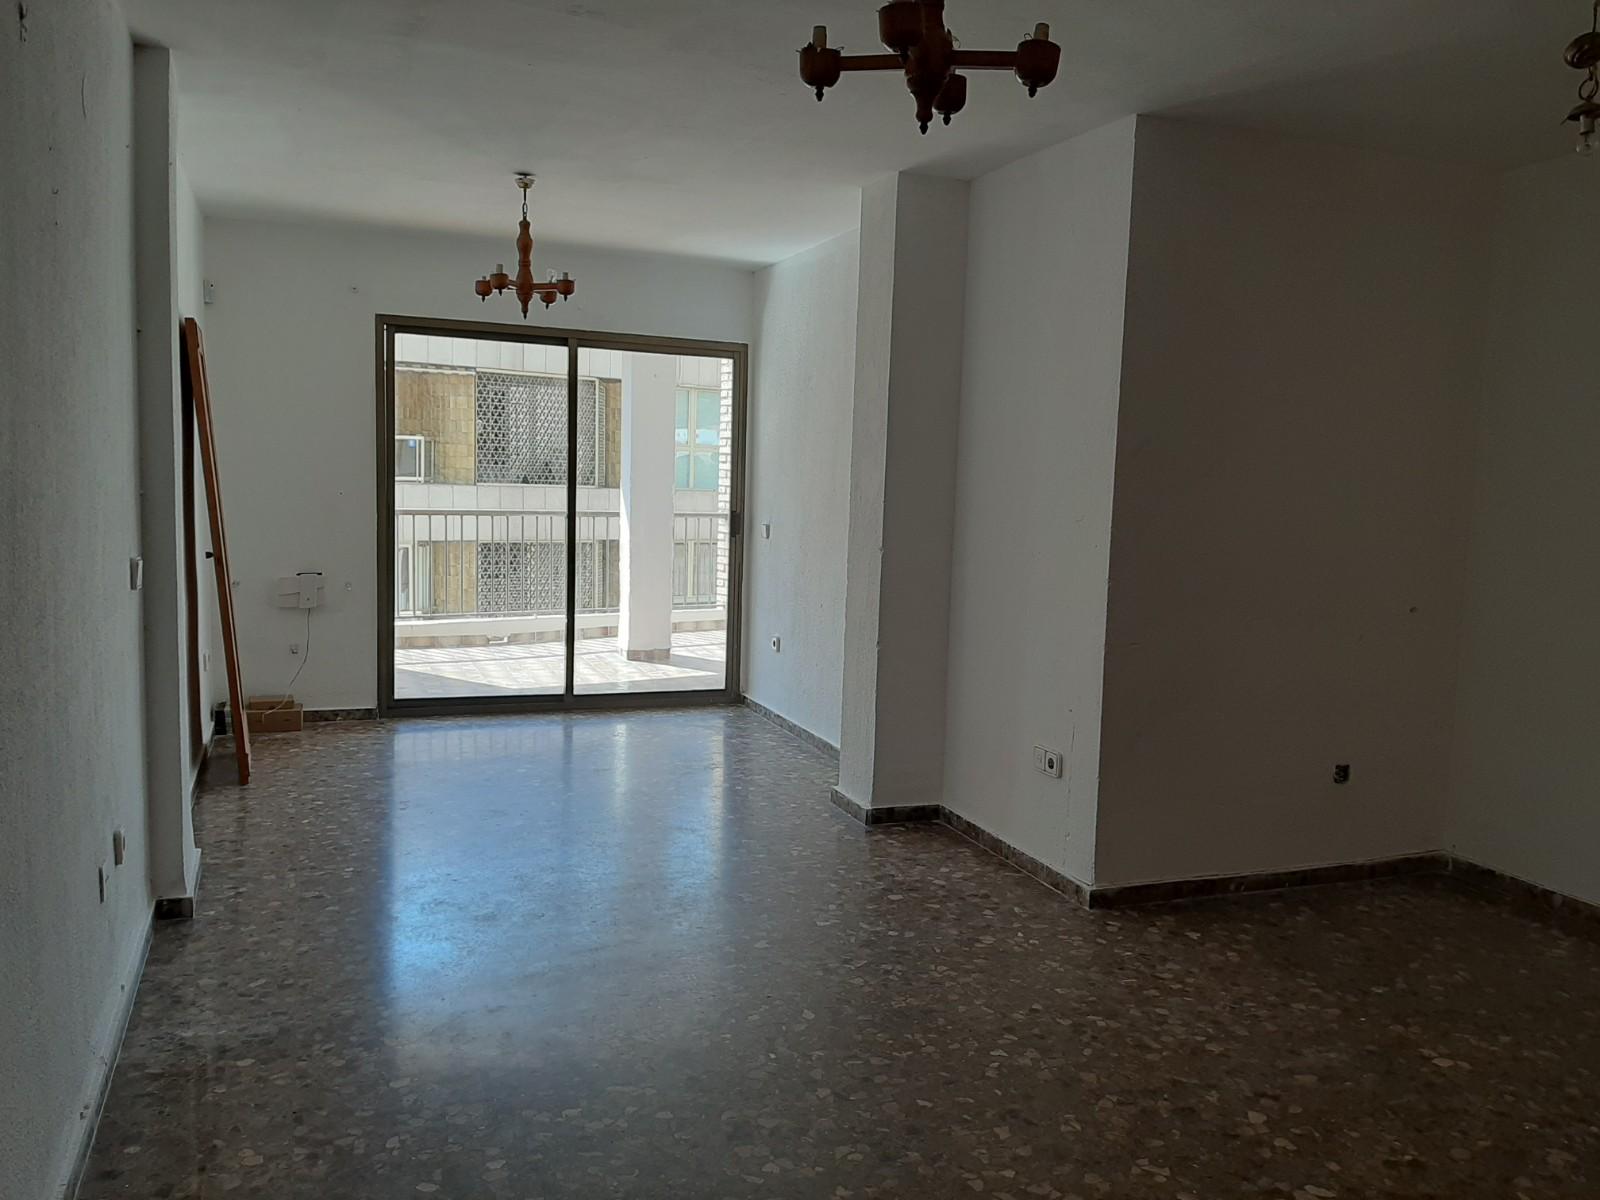 Piso en venta en Duanes del Port, Jávea/xàbia, Alicante, Avenida Botanic Cabanilles, 200.000 €, 3 habitaciones, 2 baños, 122 m2